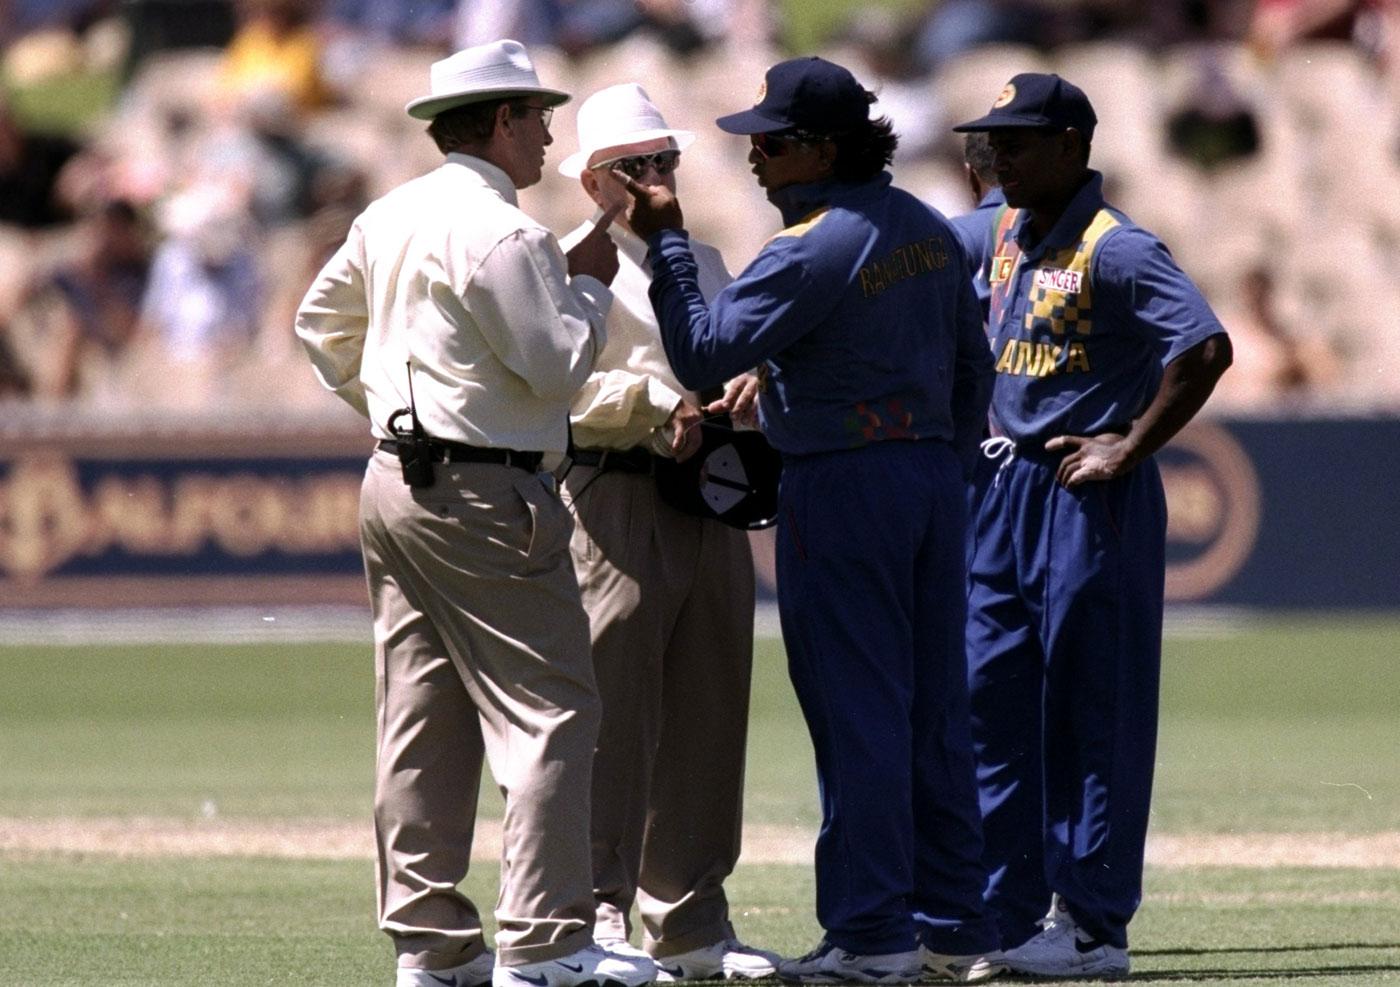 पांच ऐसे मौके जब अंपायर के फैसले के खिलाफ खिलाड़ियों ने खेलना से किया इनकार 32